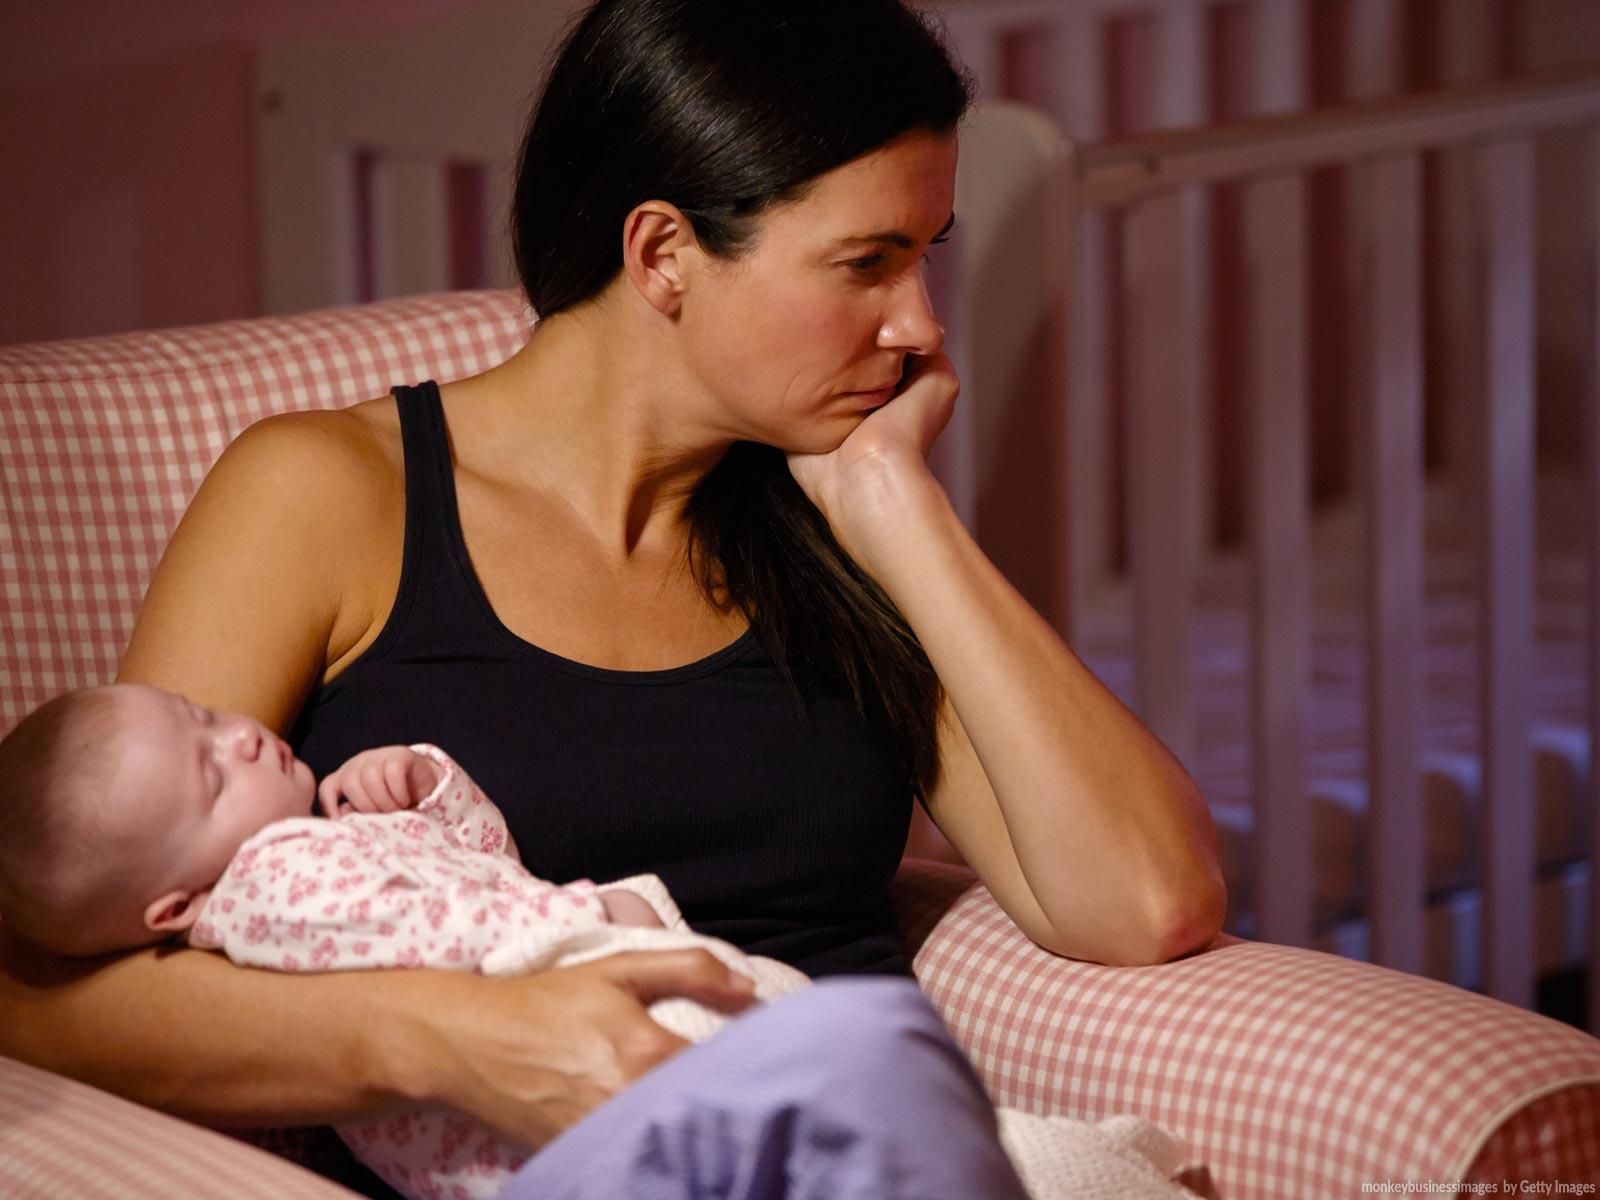 Tristeza materna: o que significa e quais são os sintomas?